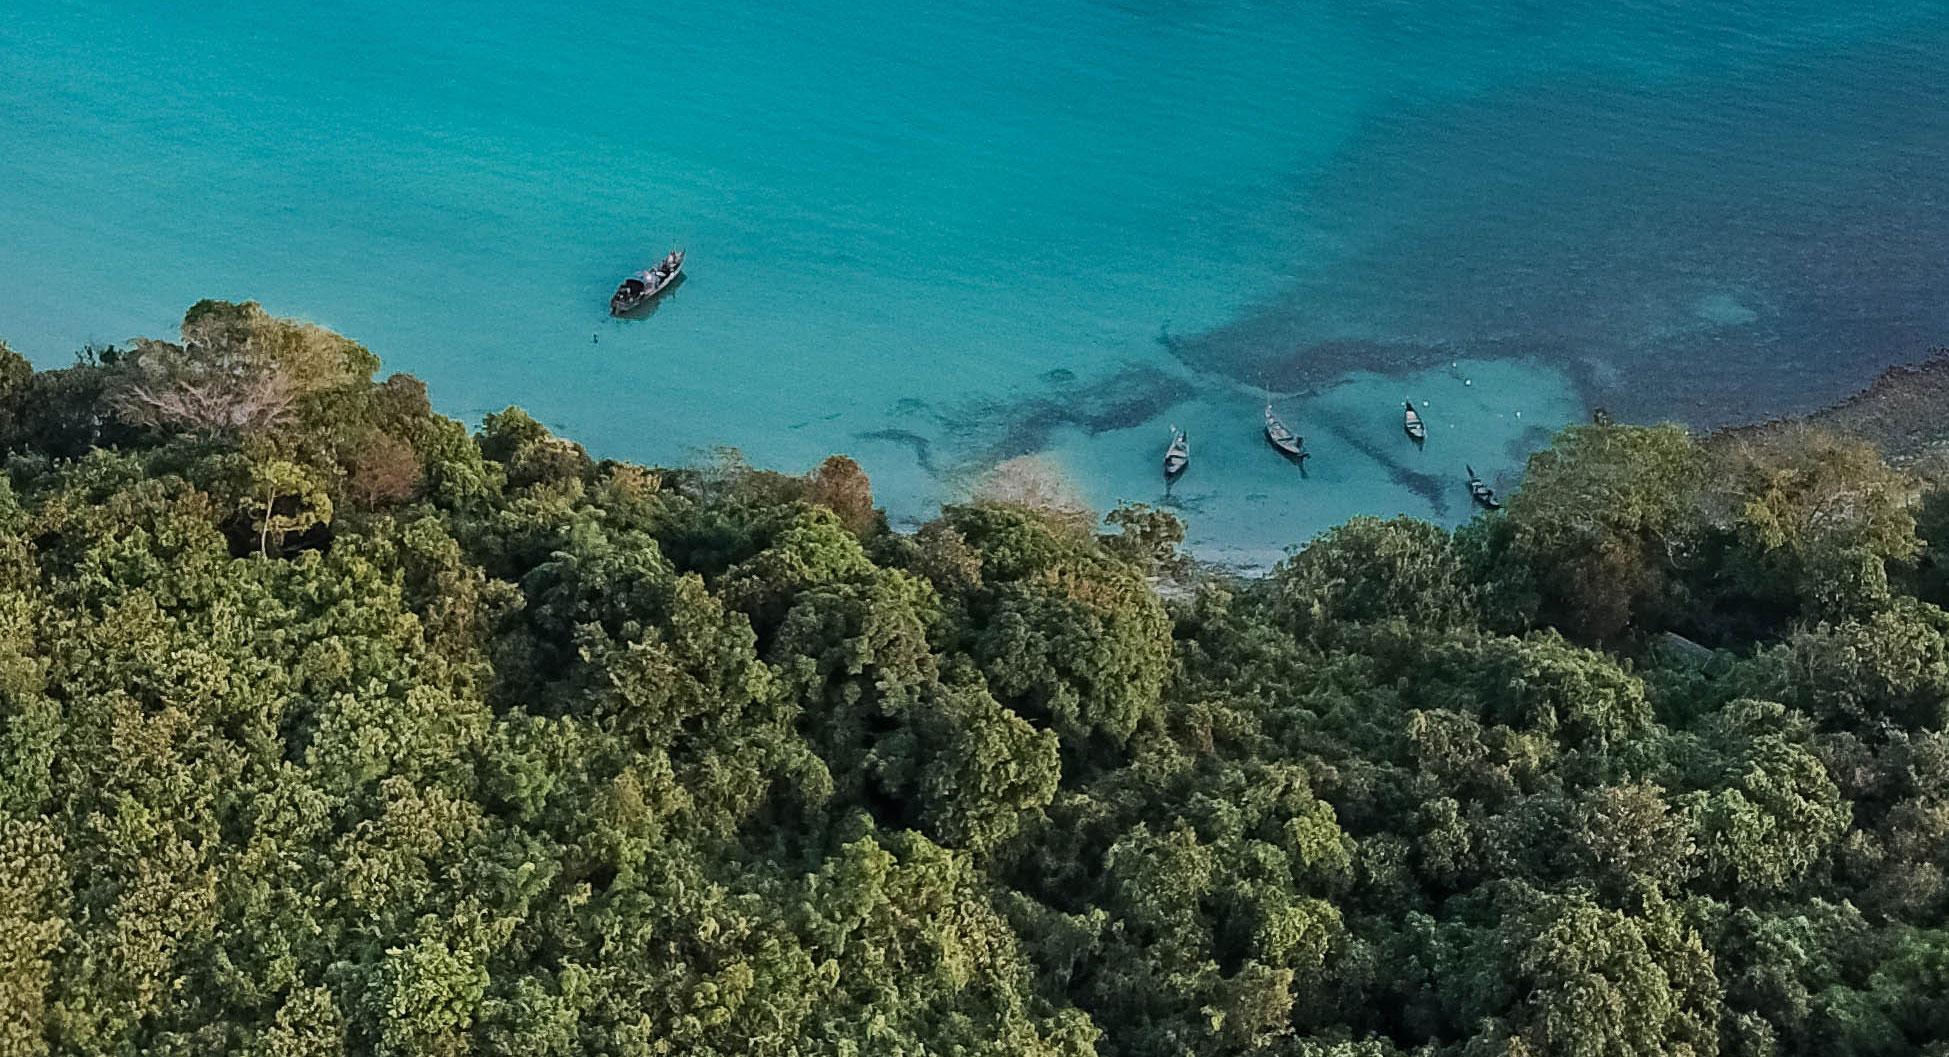 Un pas décisif pour la préservation de la biodiversité ?